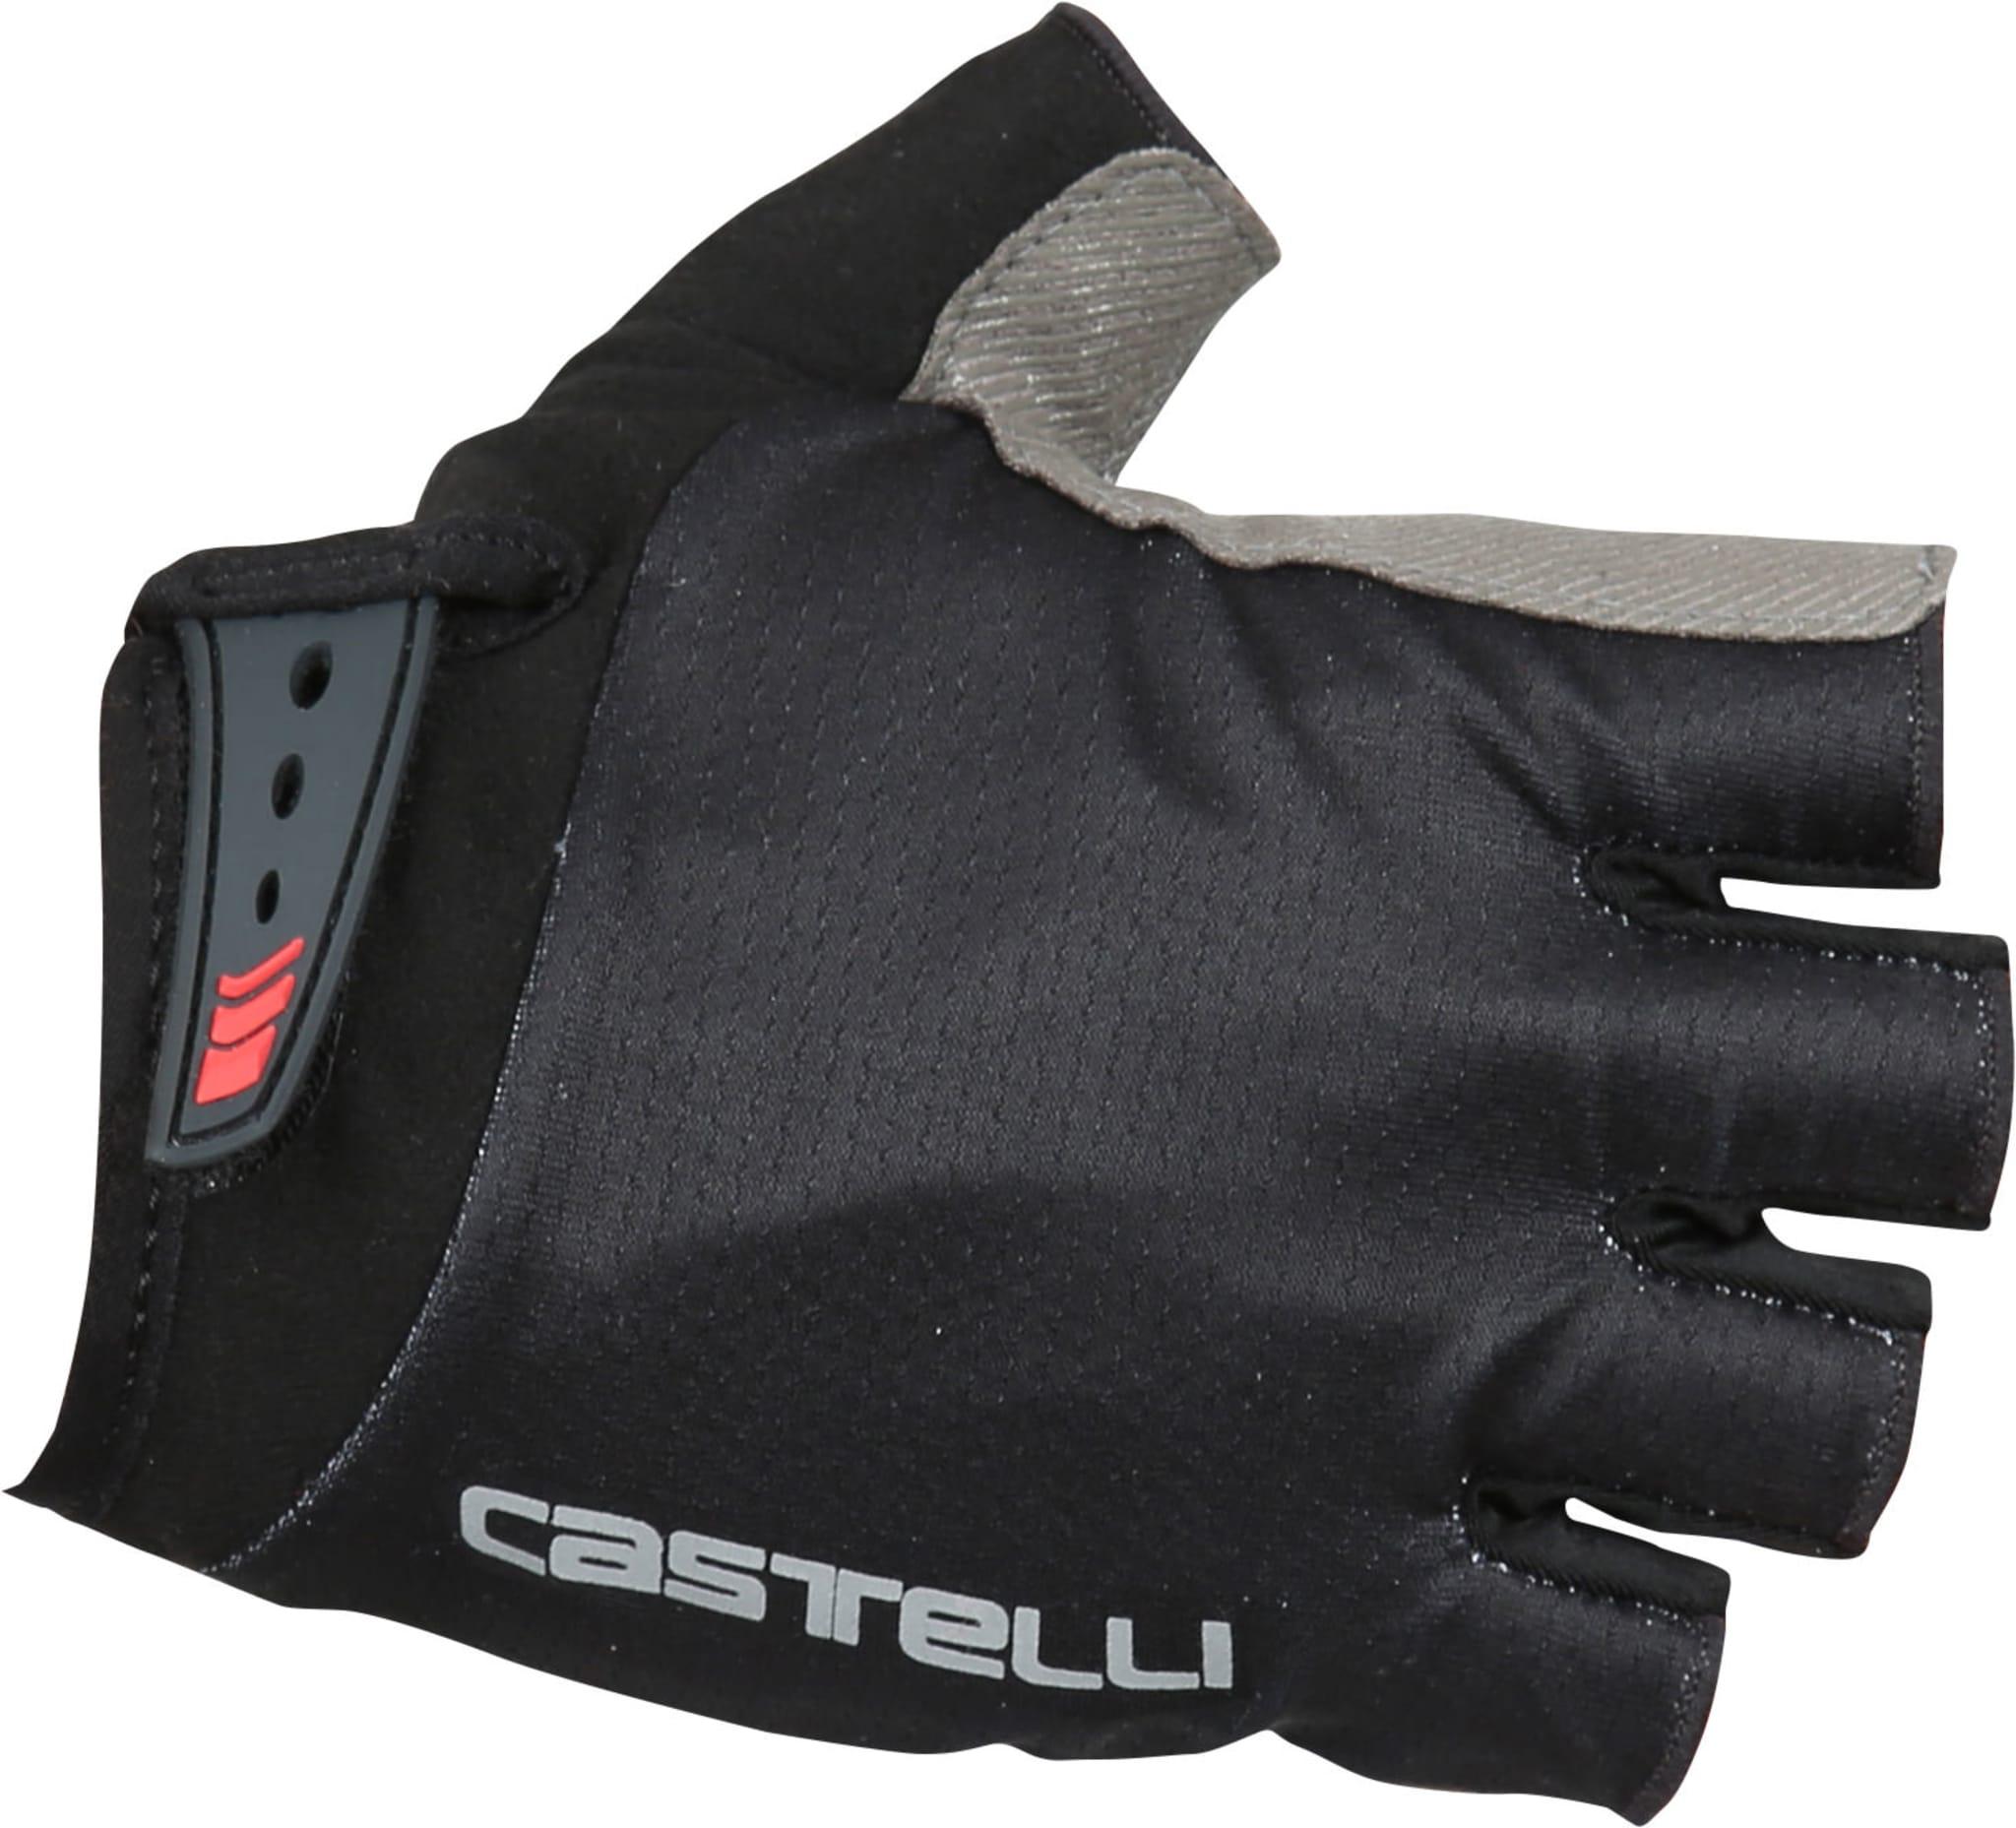 Entrata Glove